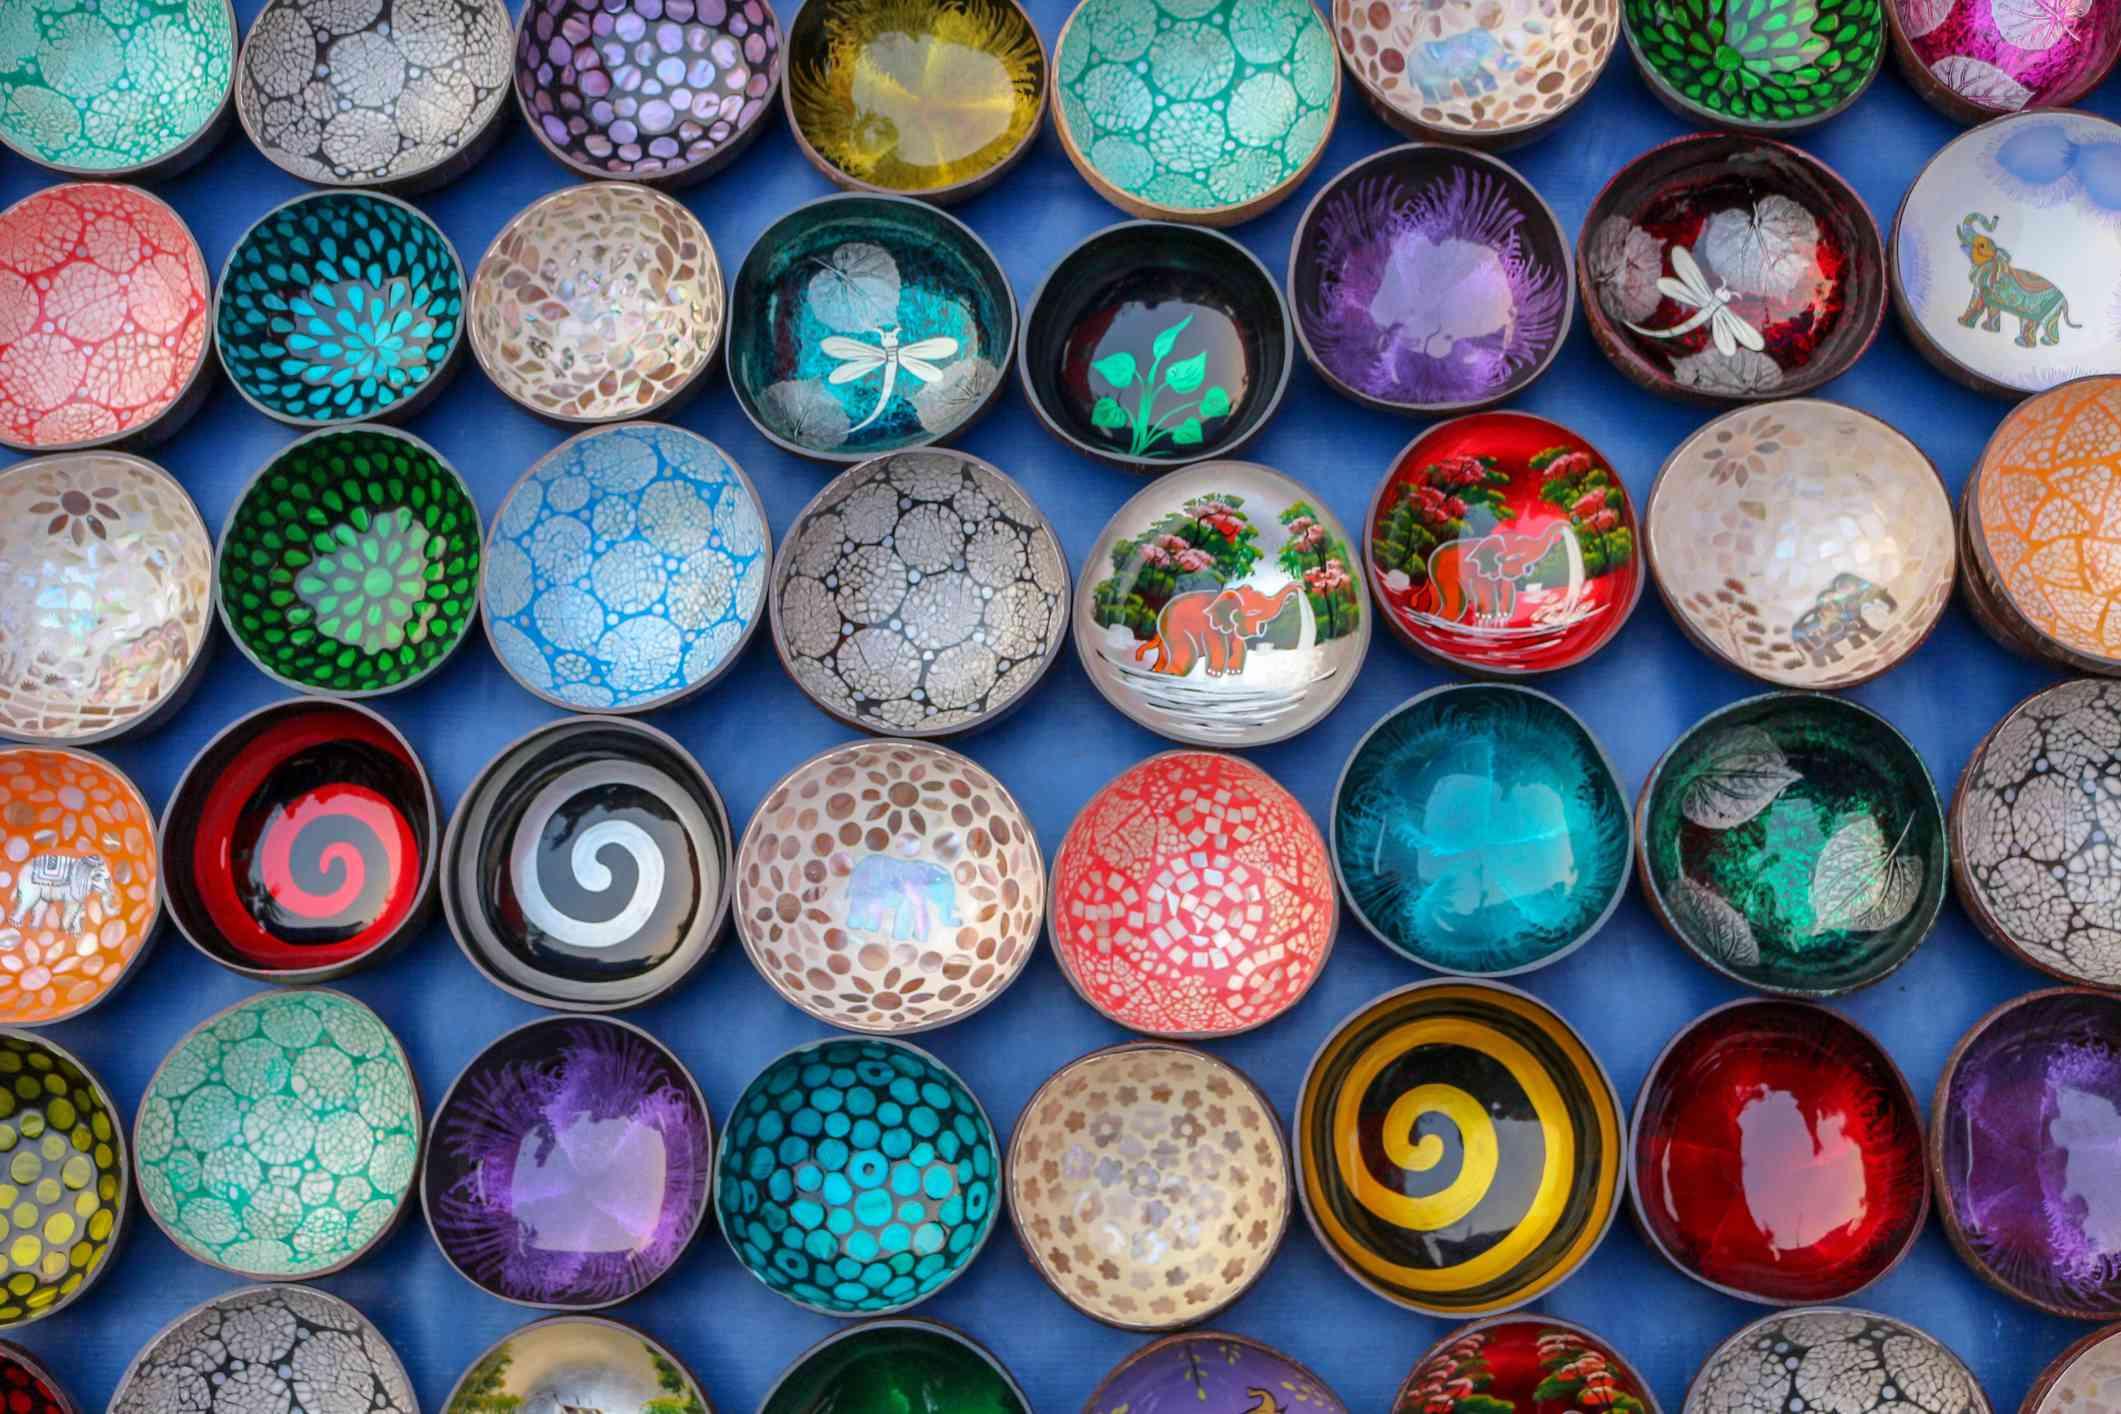 Bowls colgados en la pared